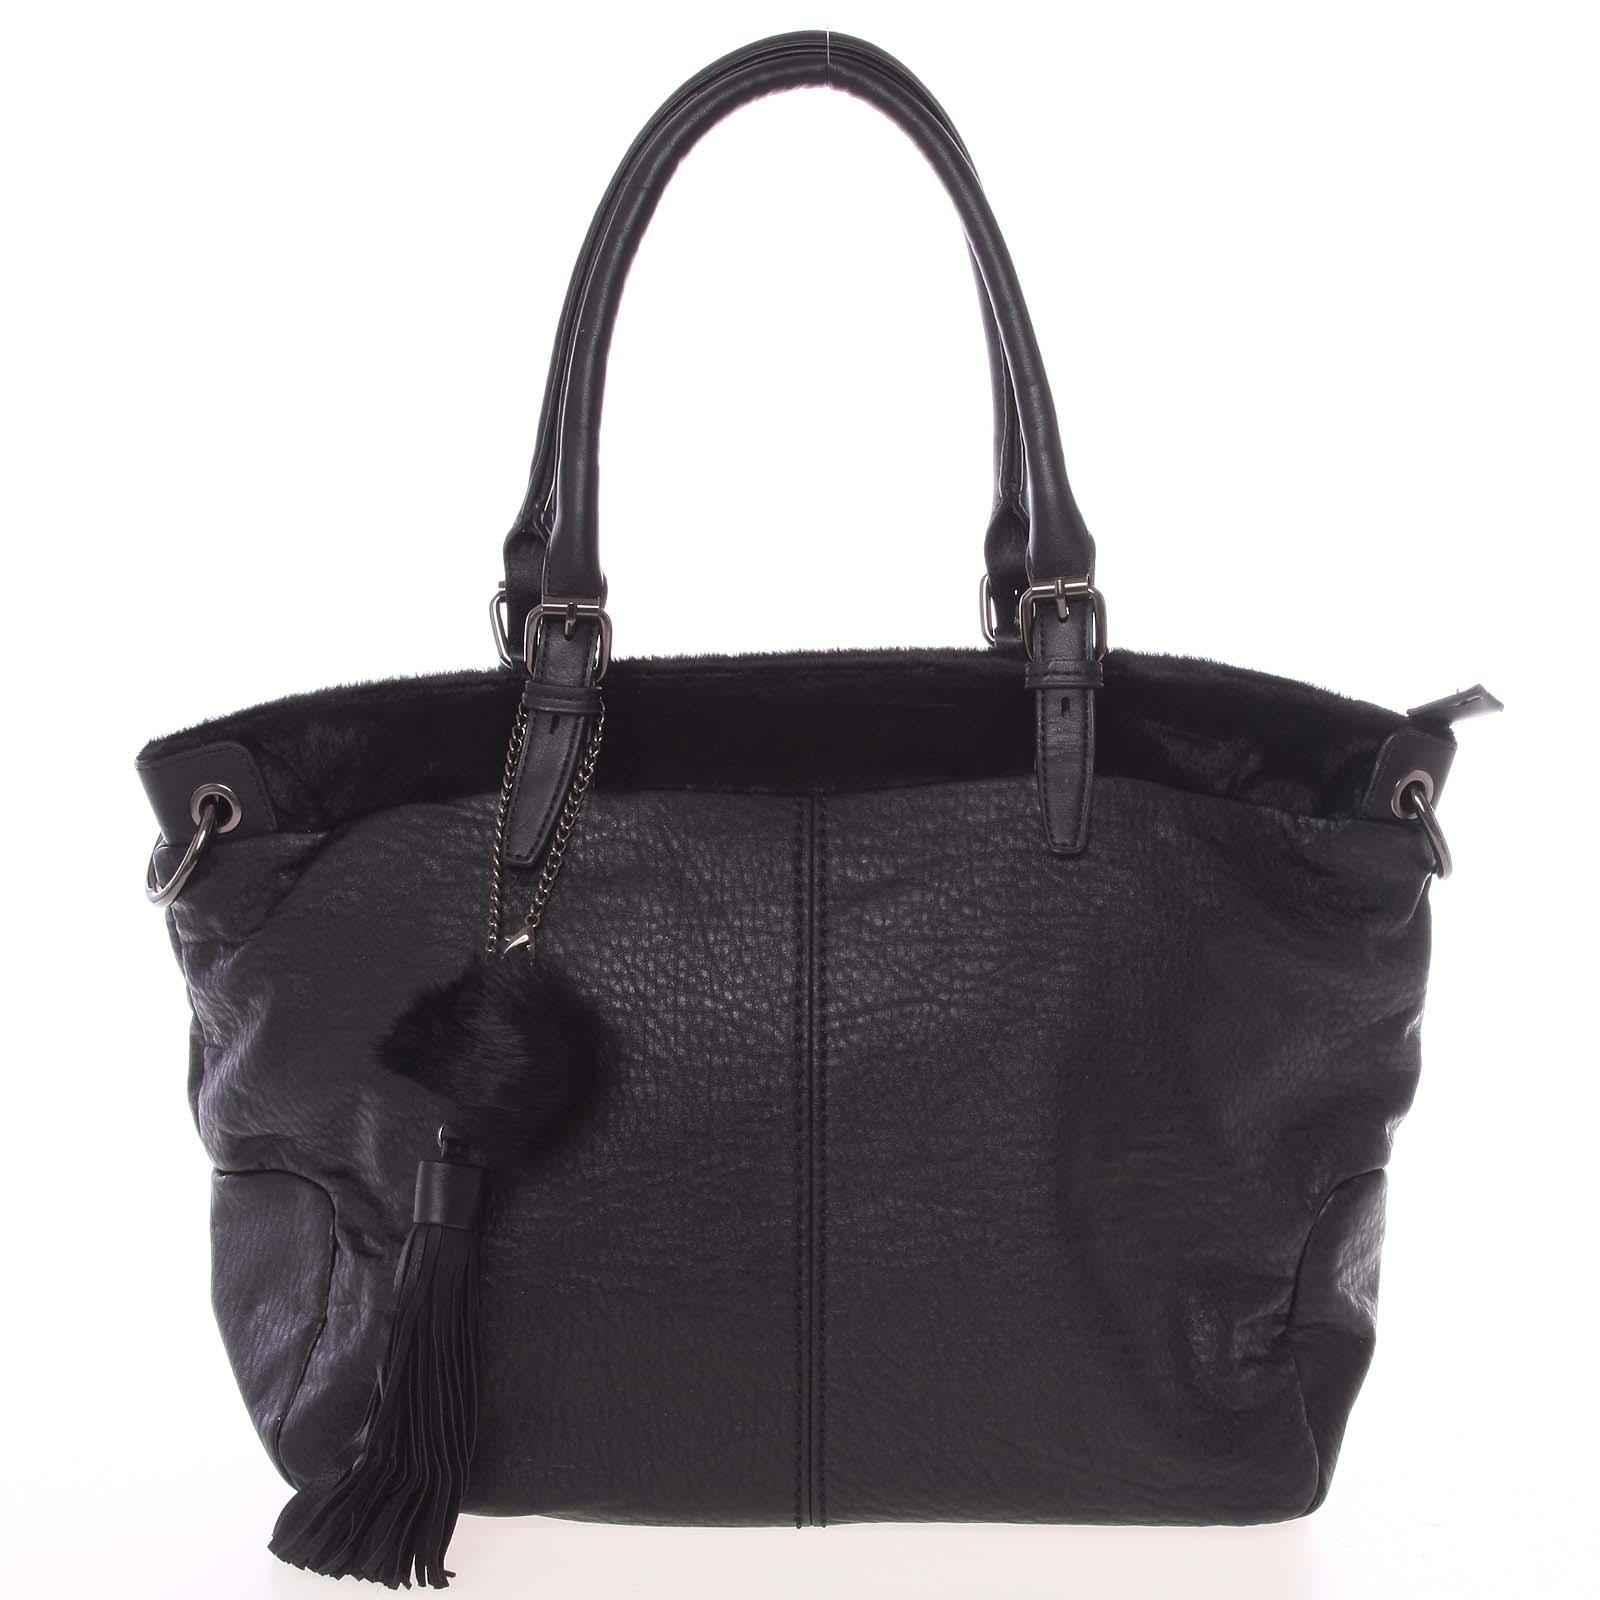 Módní měkká dámská kabelka černá - MARIA C Paige